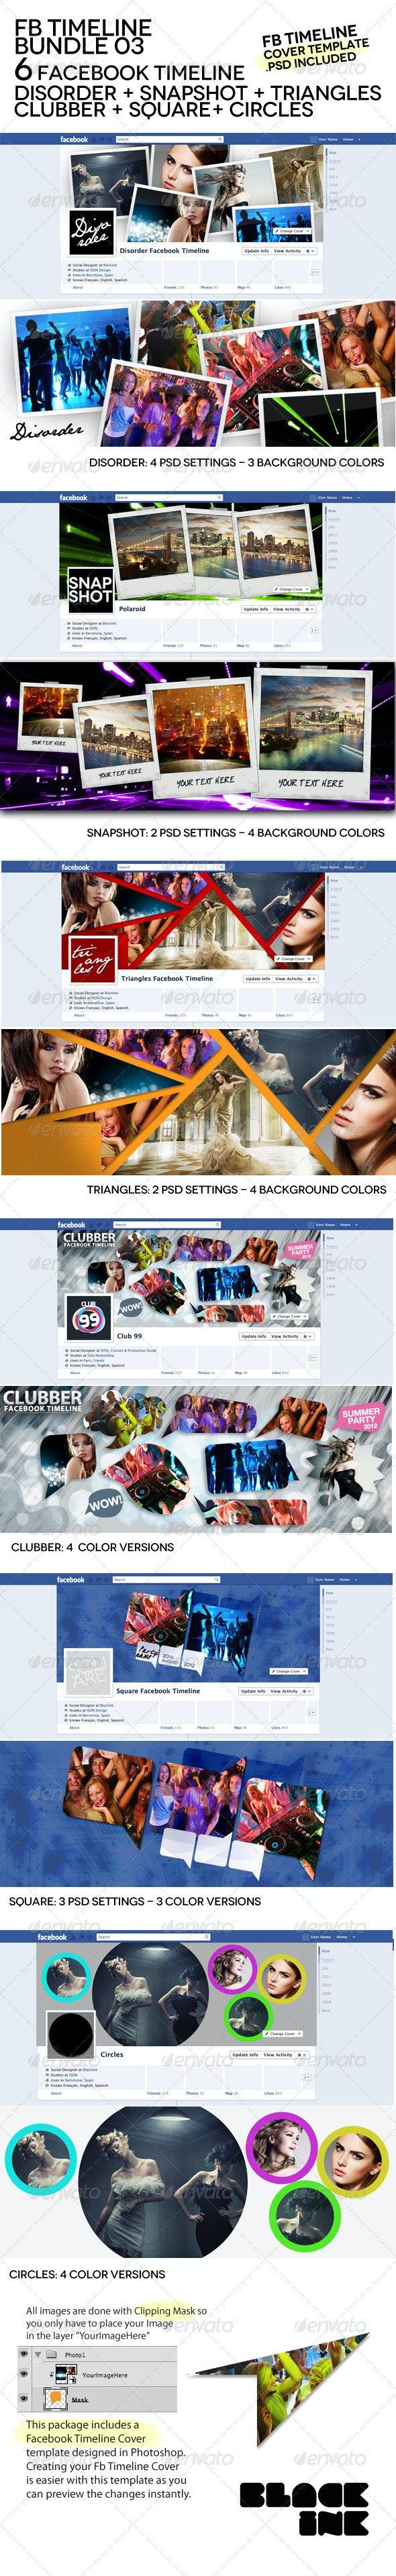 FB Timeline Bundle 03  - Facebook Timeline Covers Social Media